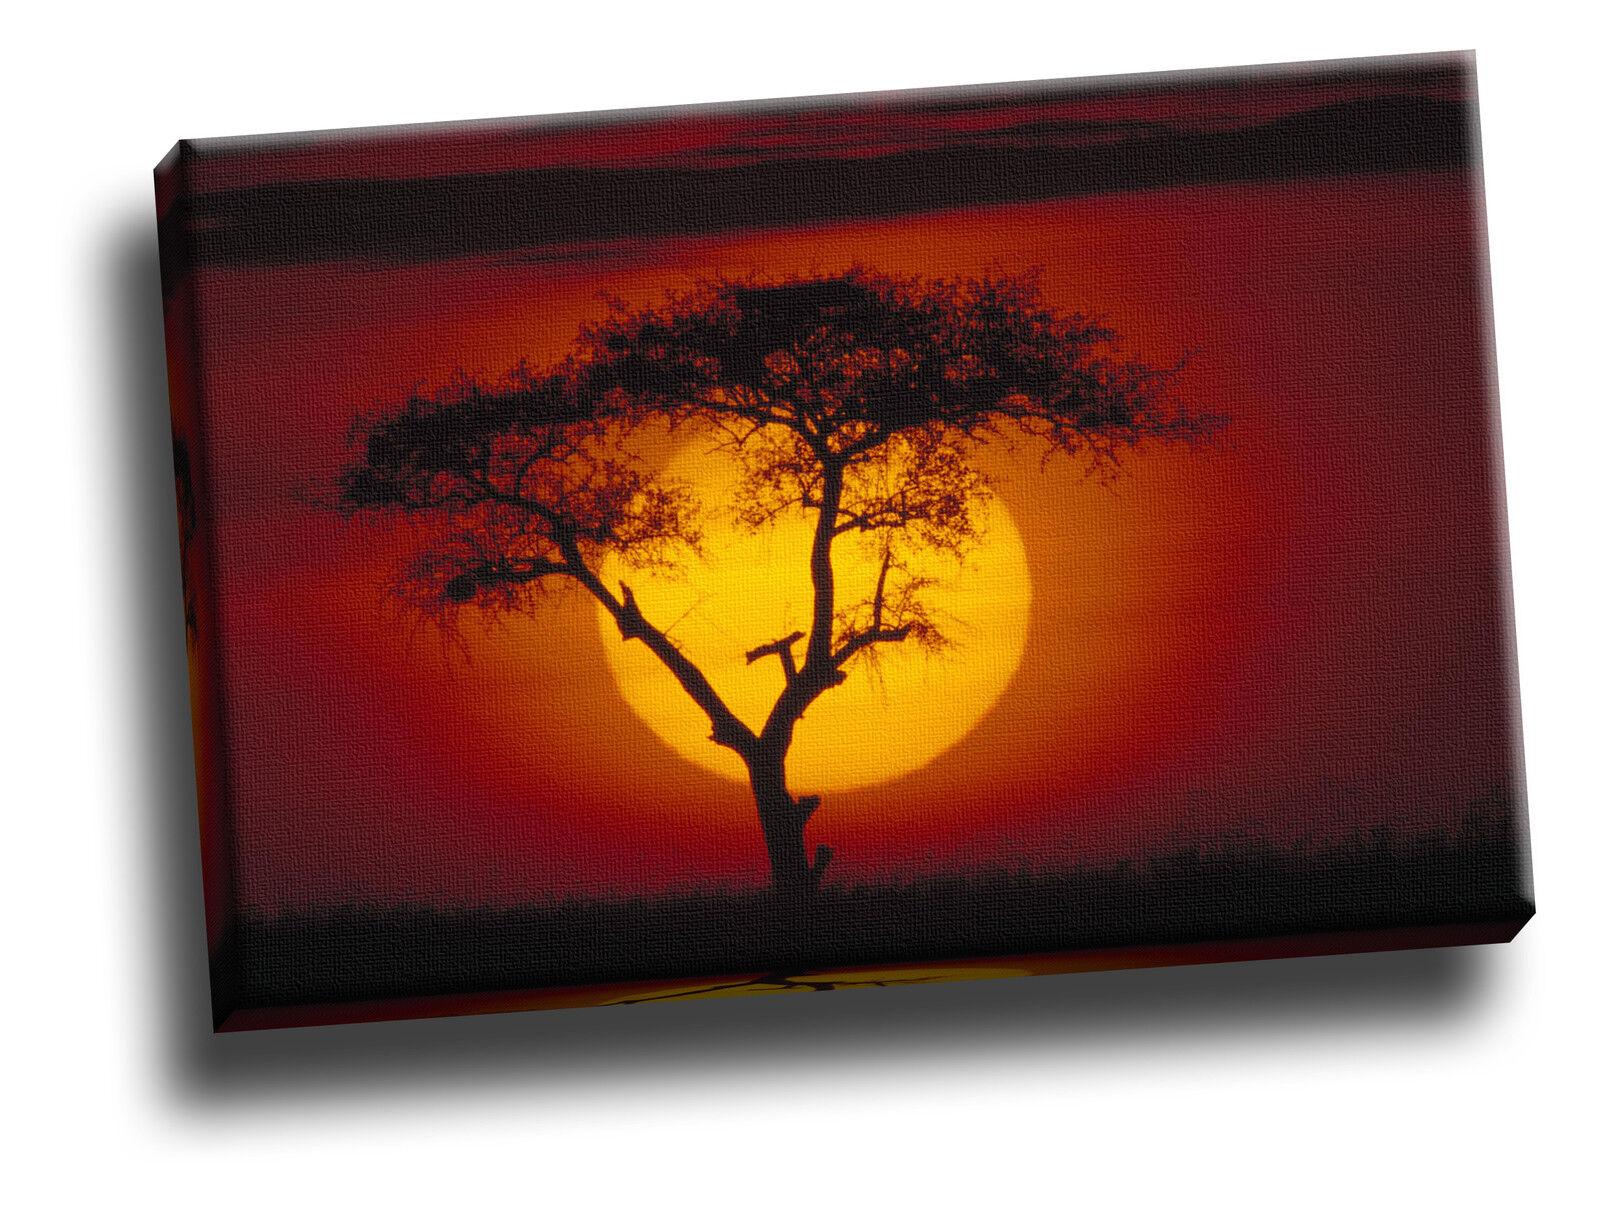 Acacia arbre sur la savane Kenya giclée sur toile Sunset Image Mur Art